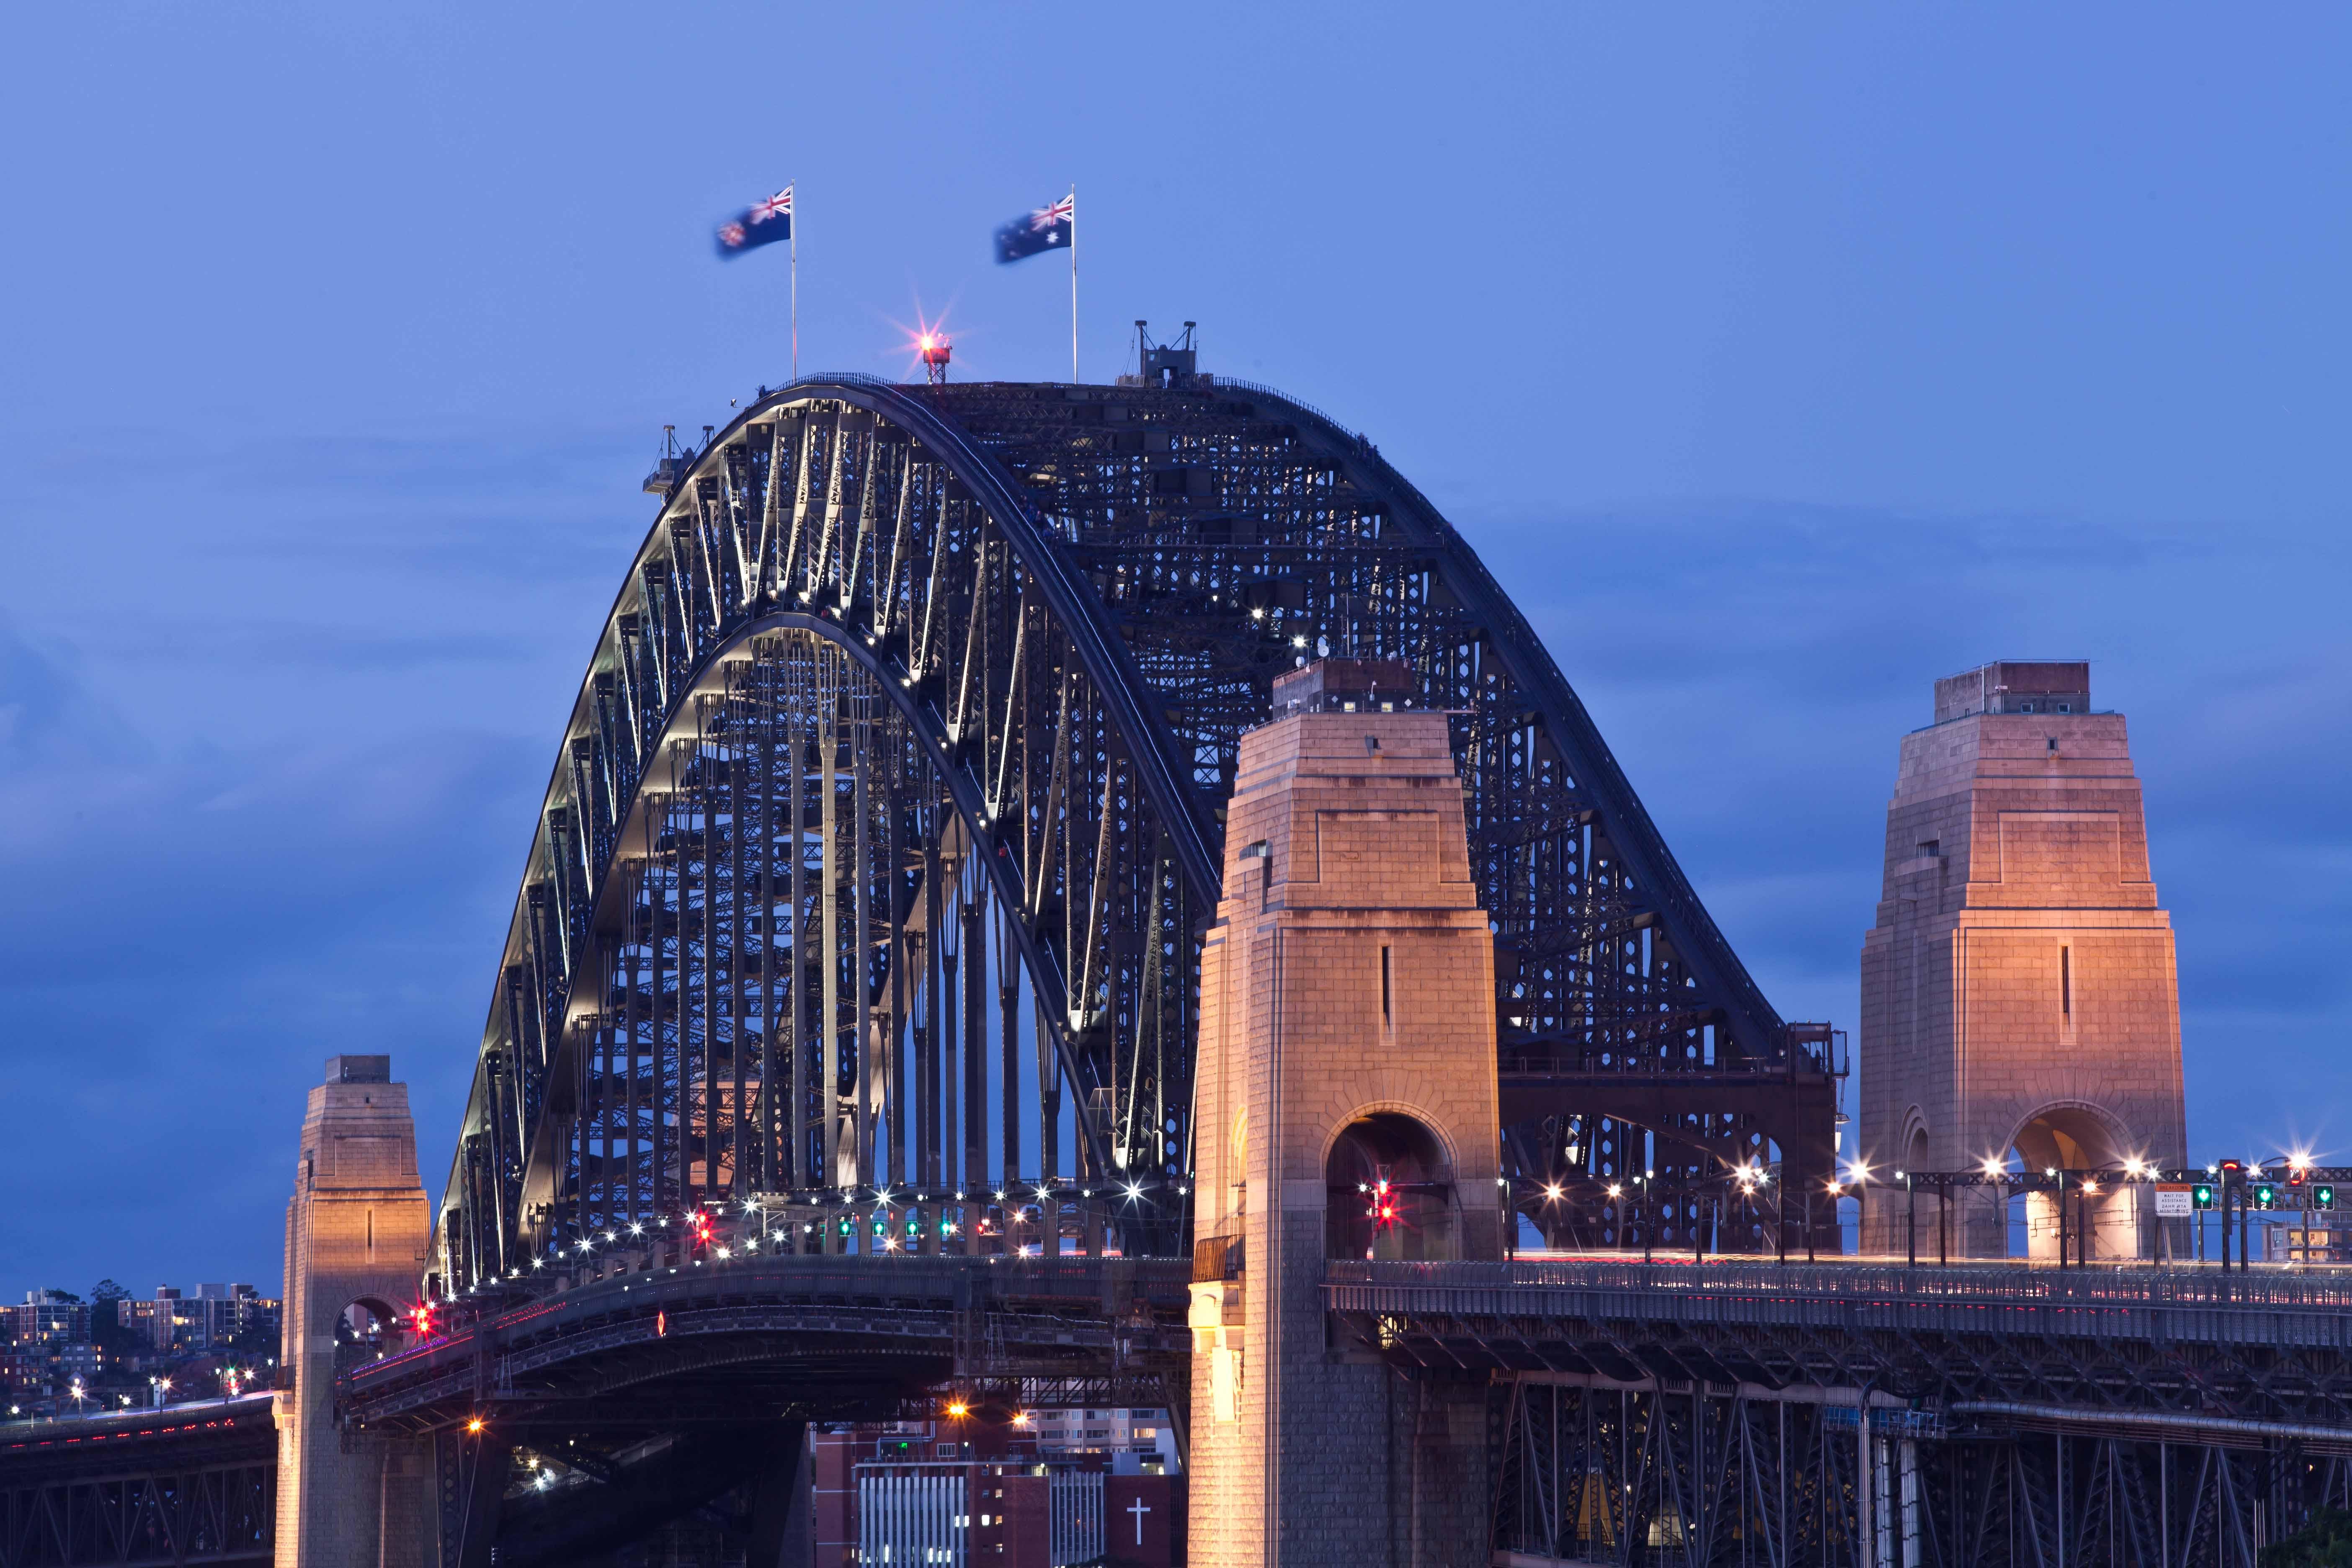 HQ Sydney Harbour Bridge Wallpapers | File 934.14Kb